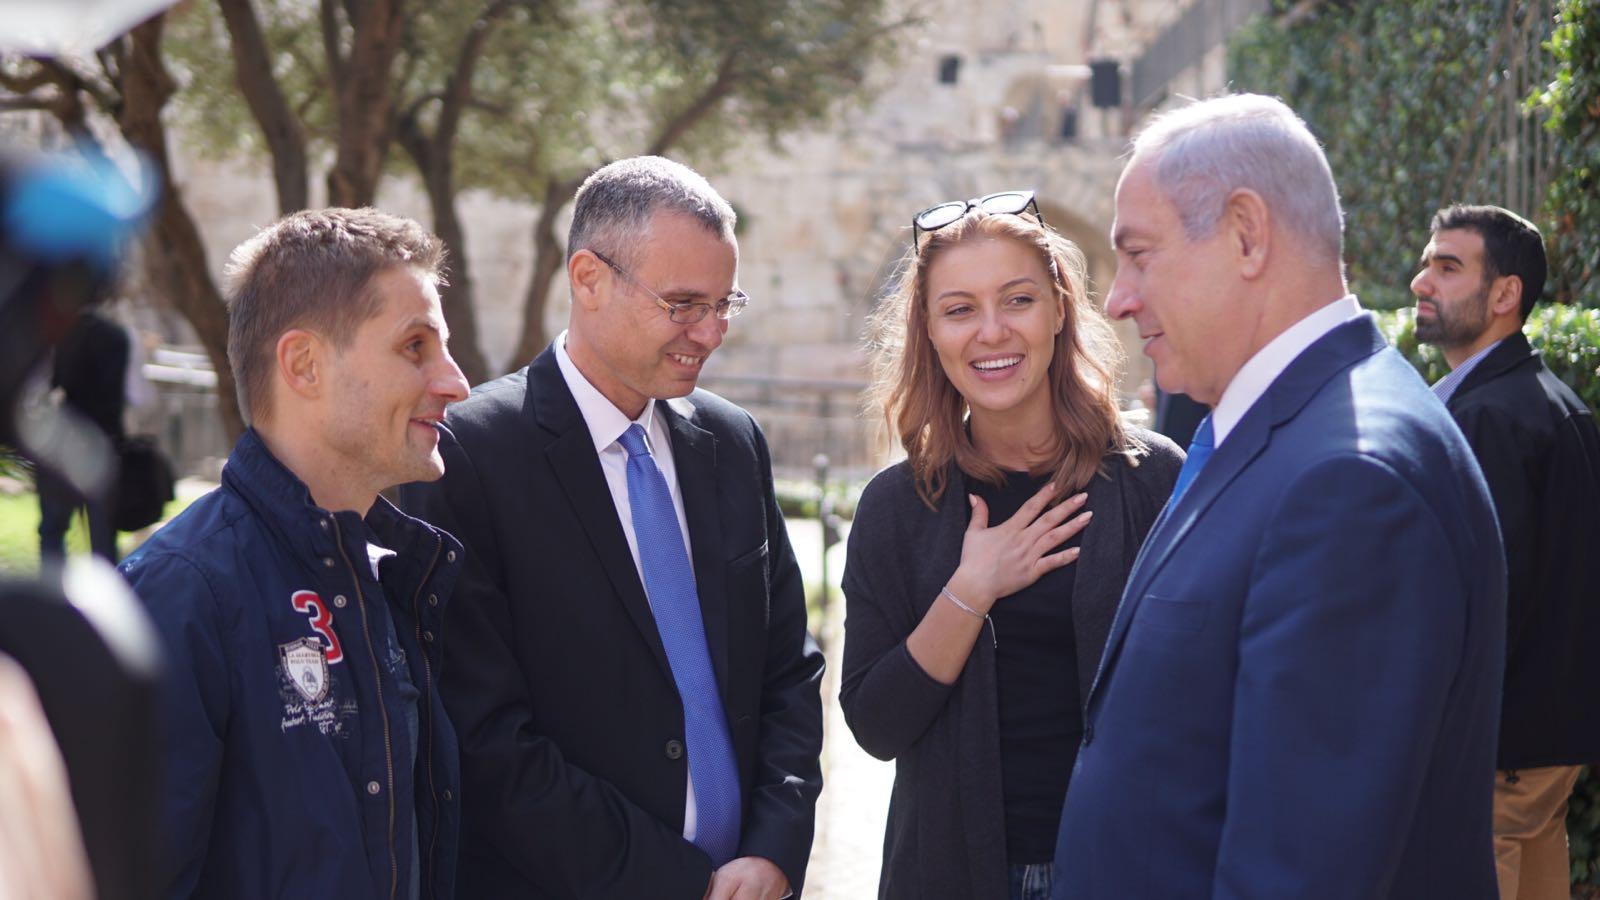 הפתעה לתיירת ה-3 מליון בישראל: סיור עם מדריך מיוחד במיוחד.